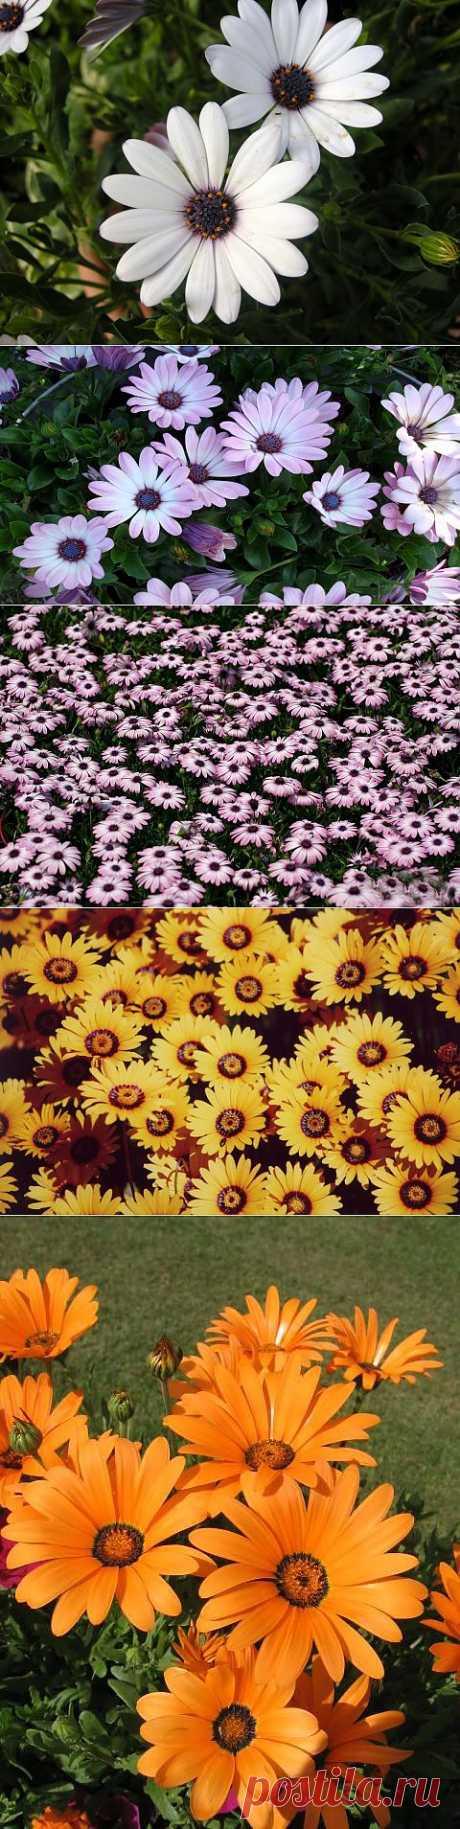 Диморфотека – идеальное растение для оконных ящиков и не только.Посадка, уход,виды. Долго выбирая, что посадить в оконные ящики, я остановила свой выбор на капских ноготках, говоря языком научным — диморфотеке, прекрасному растению с нежными, невероятно трогательными цветами.